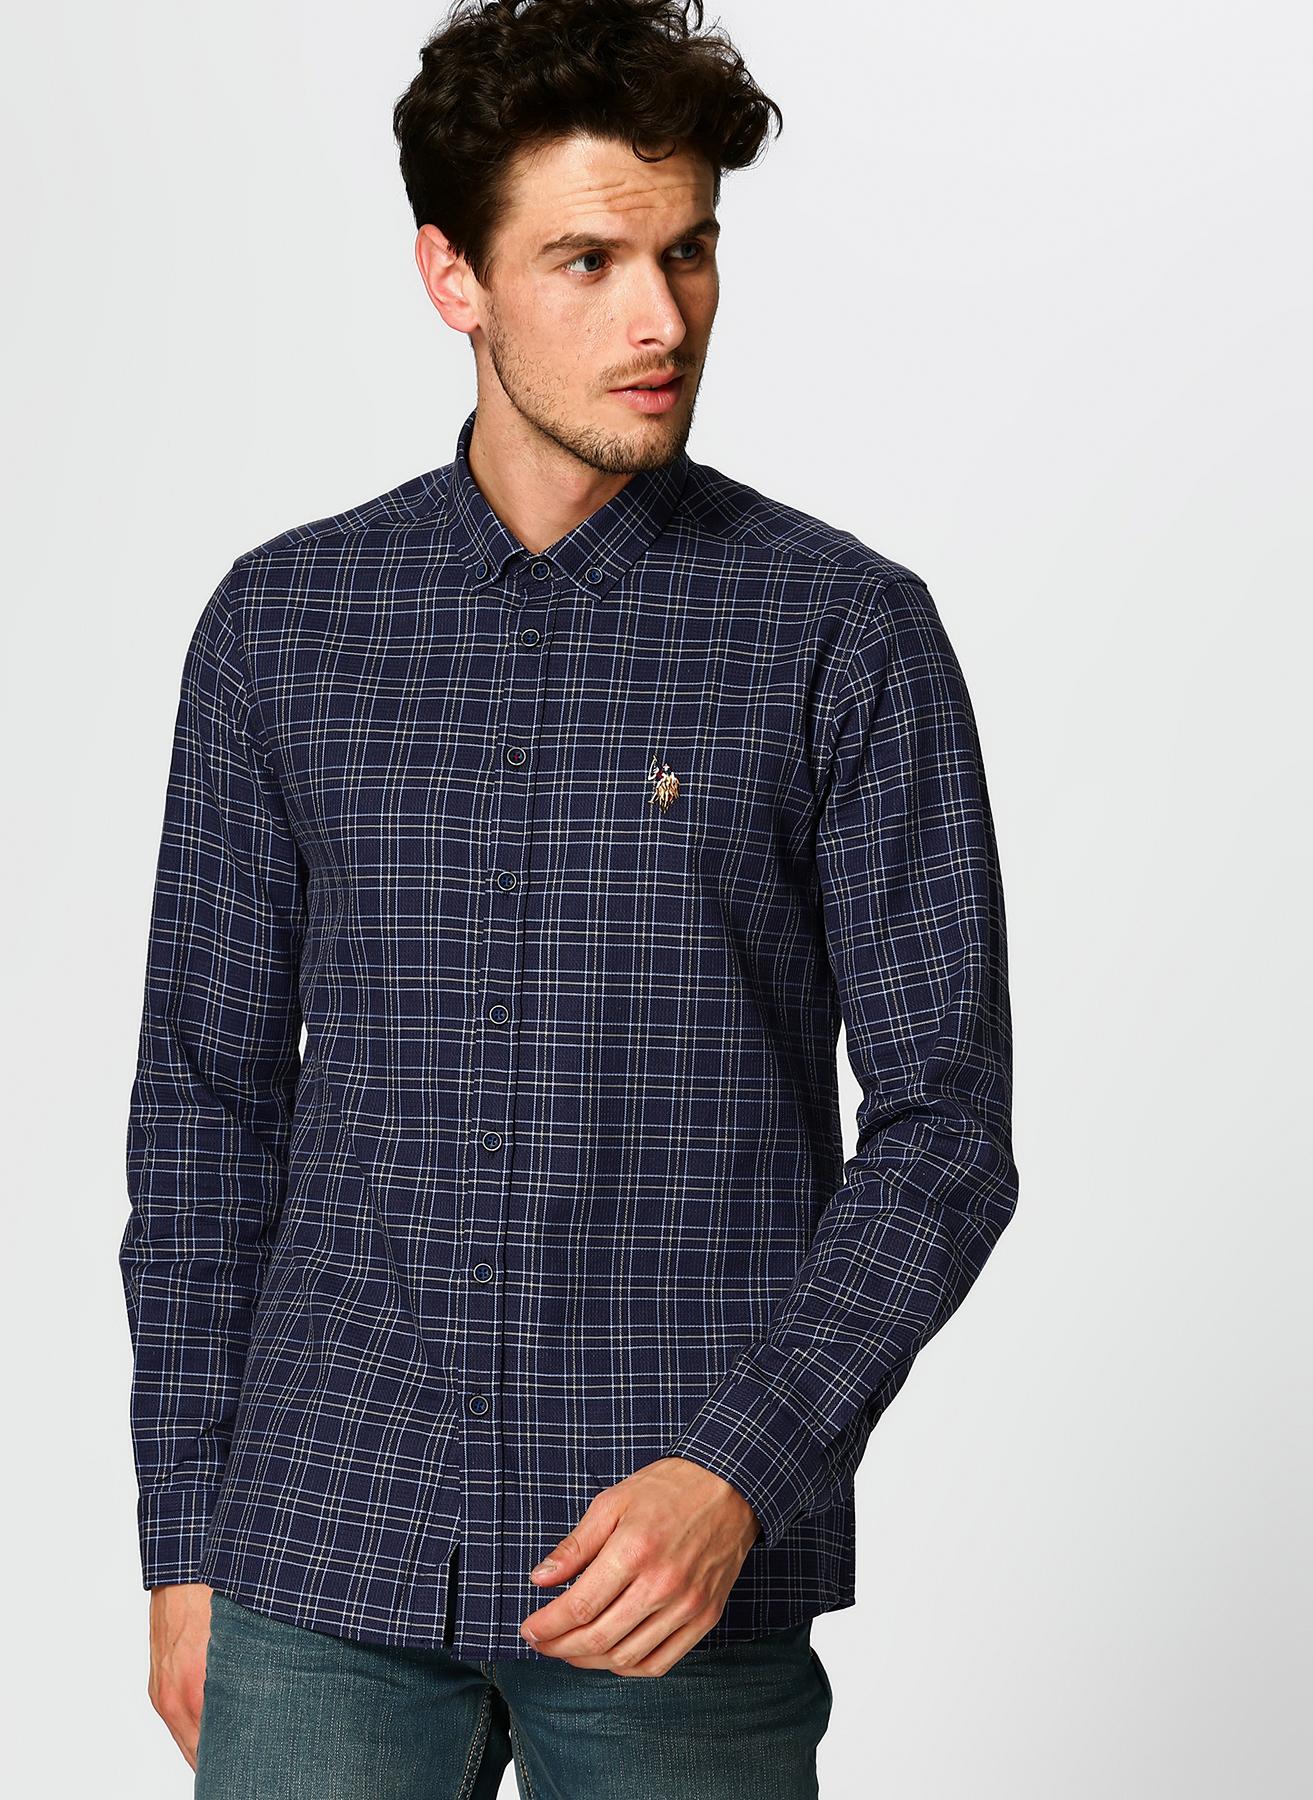 U.S. Polo Assn. Kareli Lacivert Gömlek L 5001704703004 Ürün Resmi